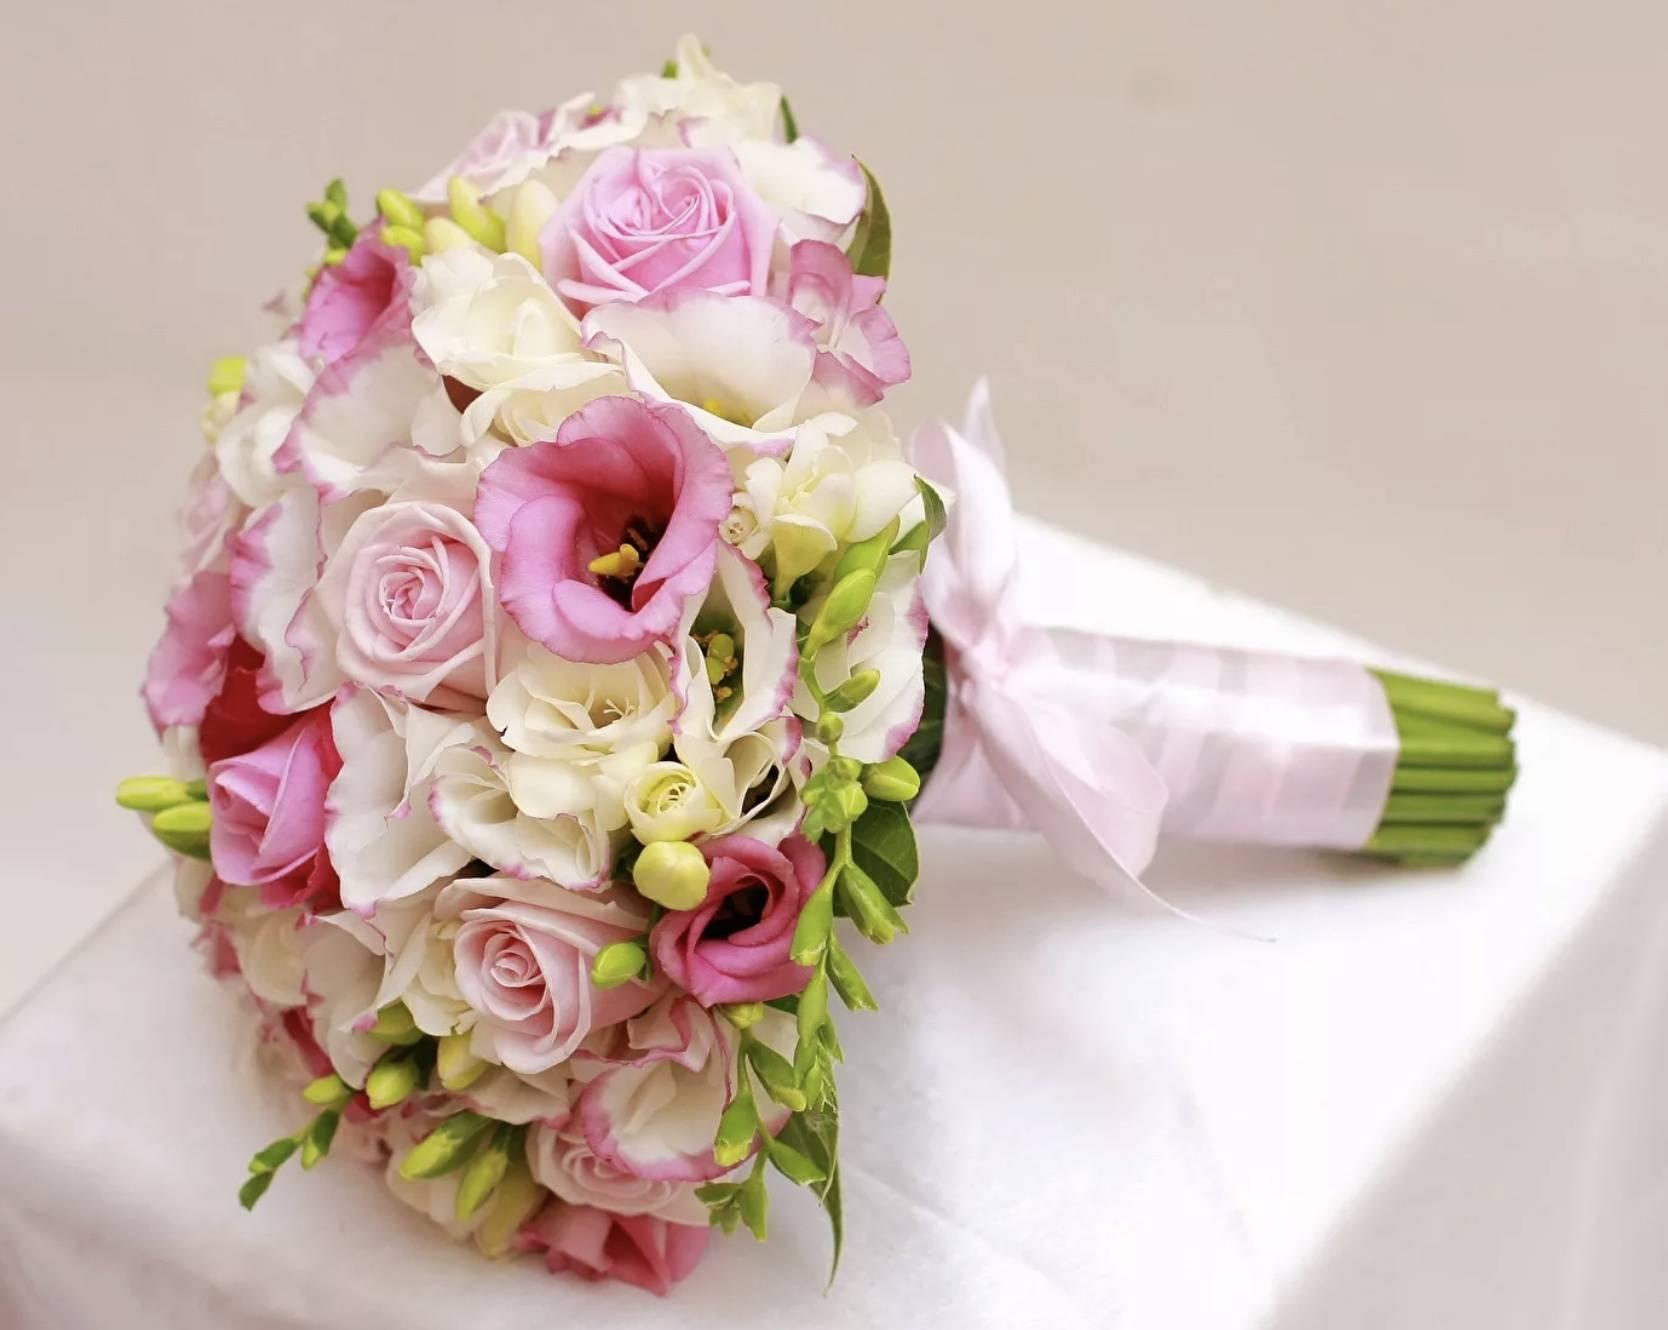 Свадебный букет из эустомы (52 фото): выбираем букет для невесты из эустом с белыми розами, фиолетовыми фрезиями, альстромериями и гортензиями, значение цветов